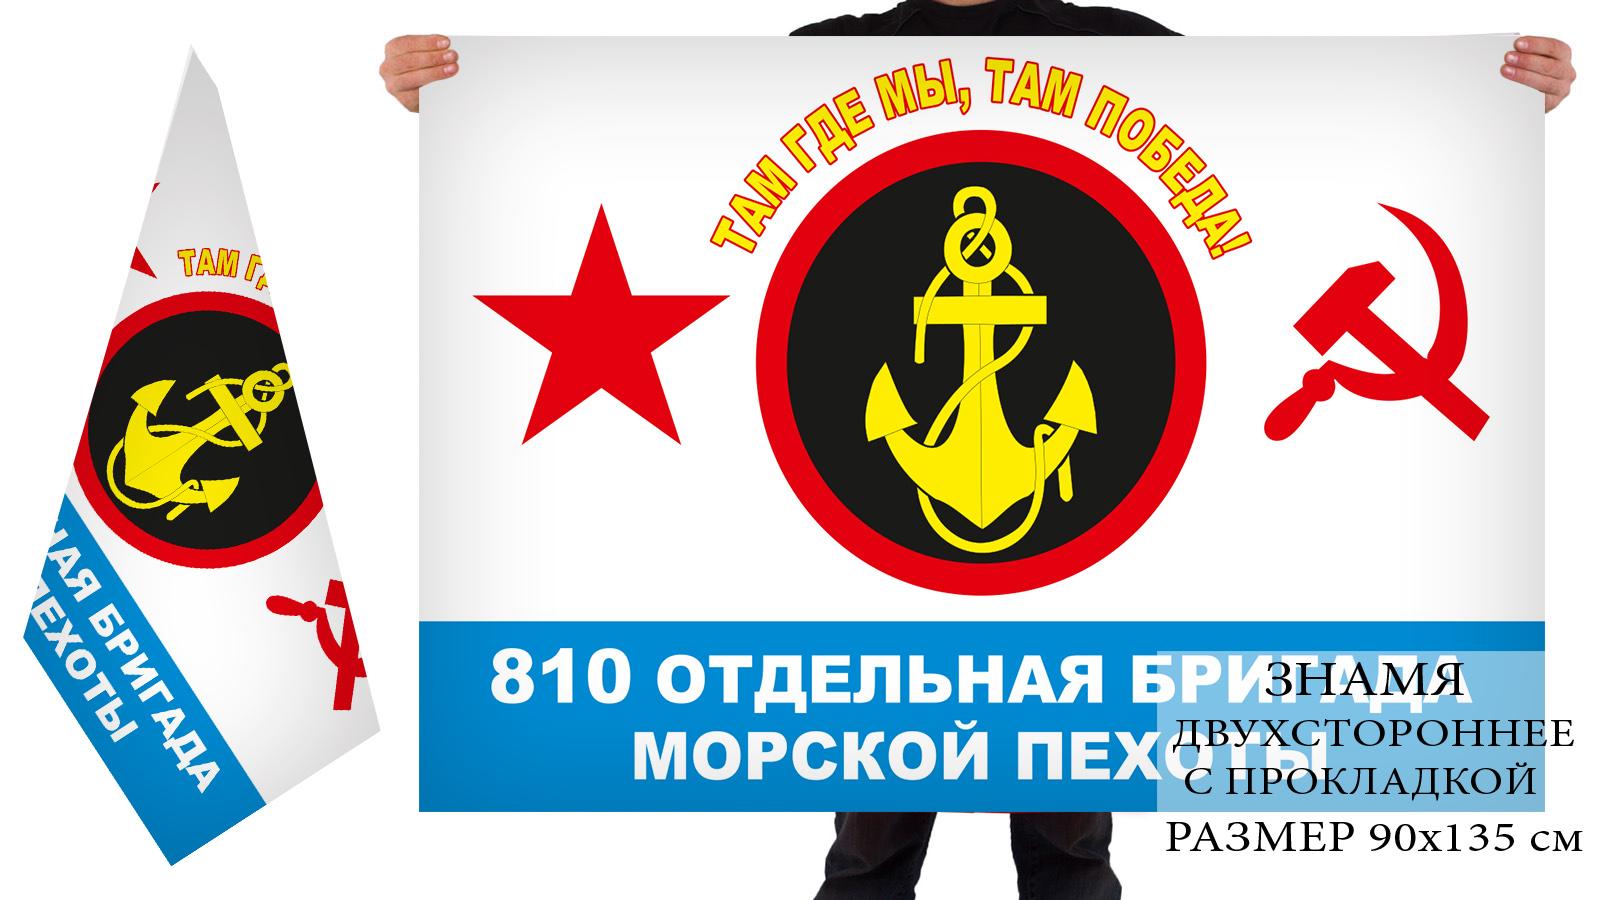 Двусторонний флаг 810-ой отдельной бригады Морской пехоты СССР